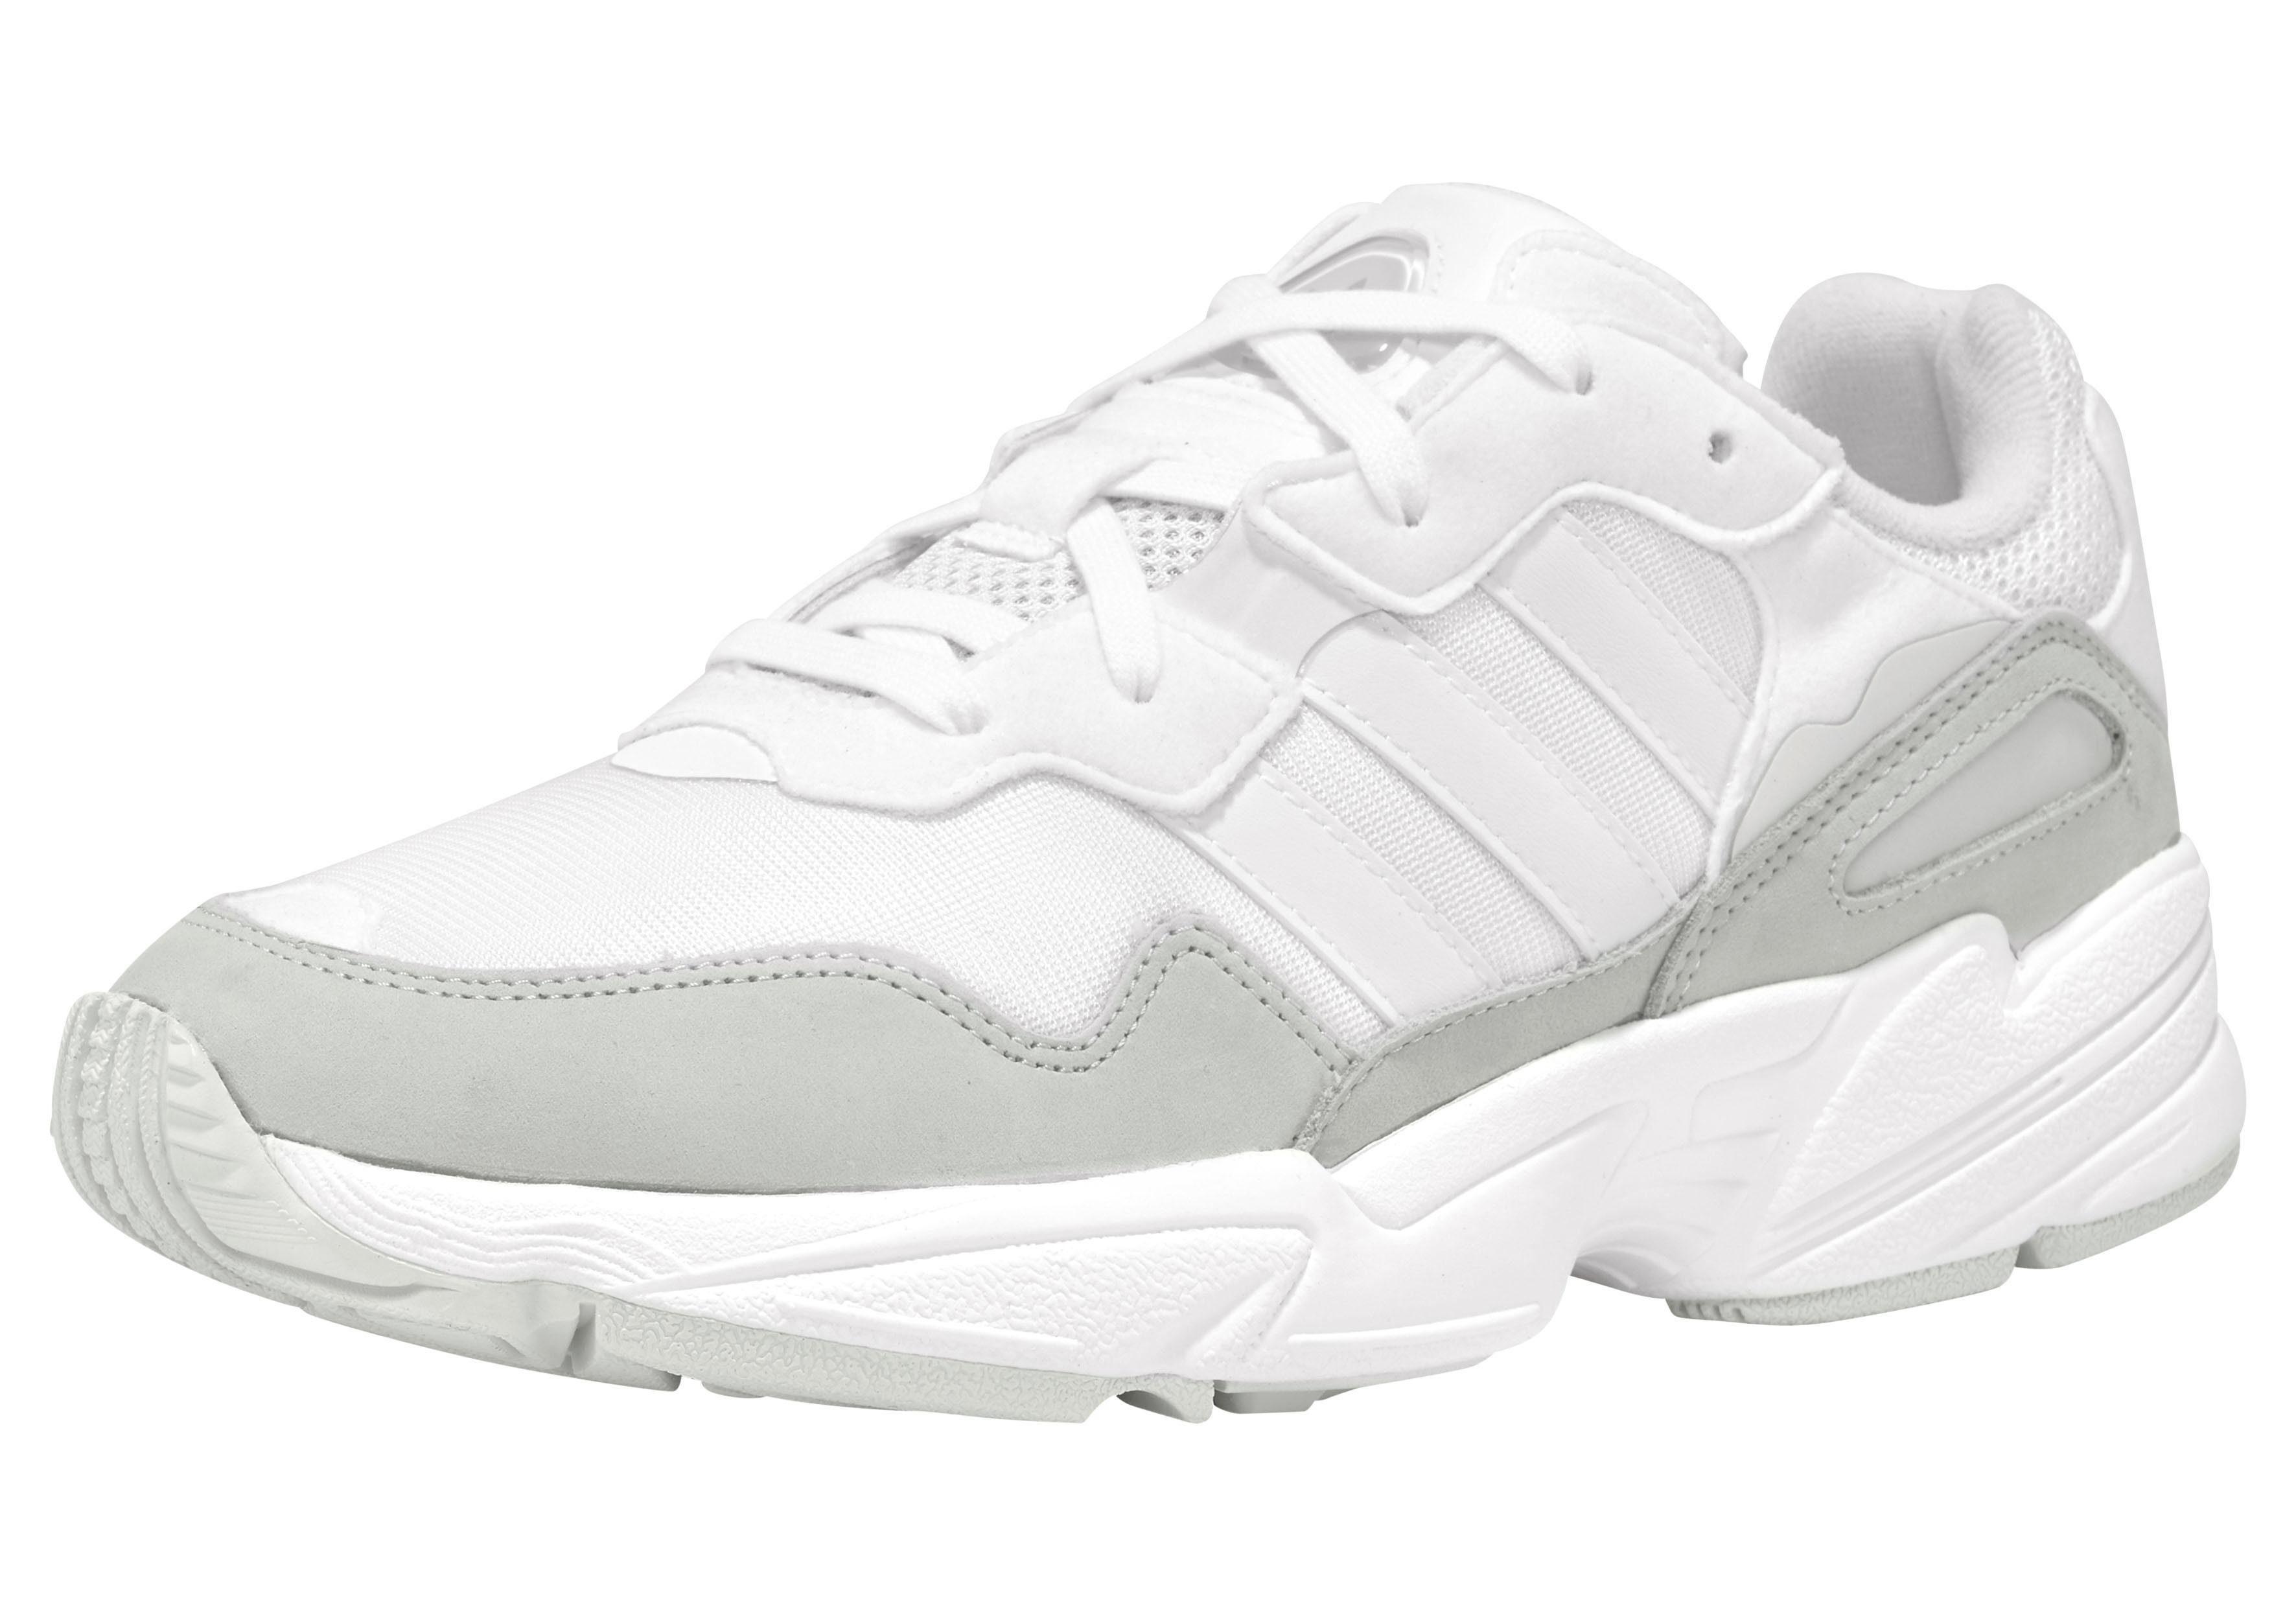 adidas Originals »Falcon W« Sneaker, Modischer Sneaker von adidas online kaufen | OTTO